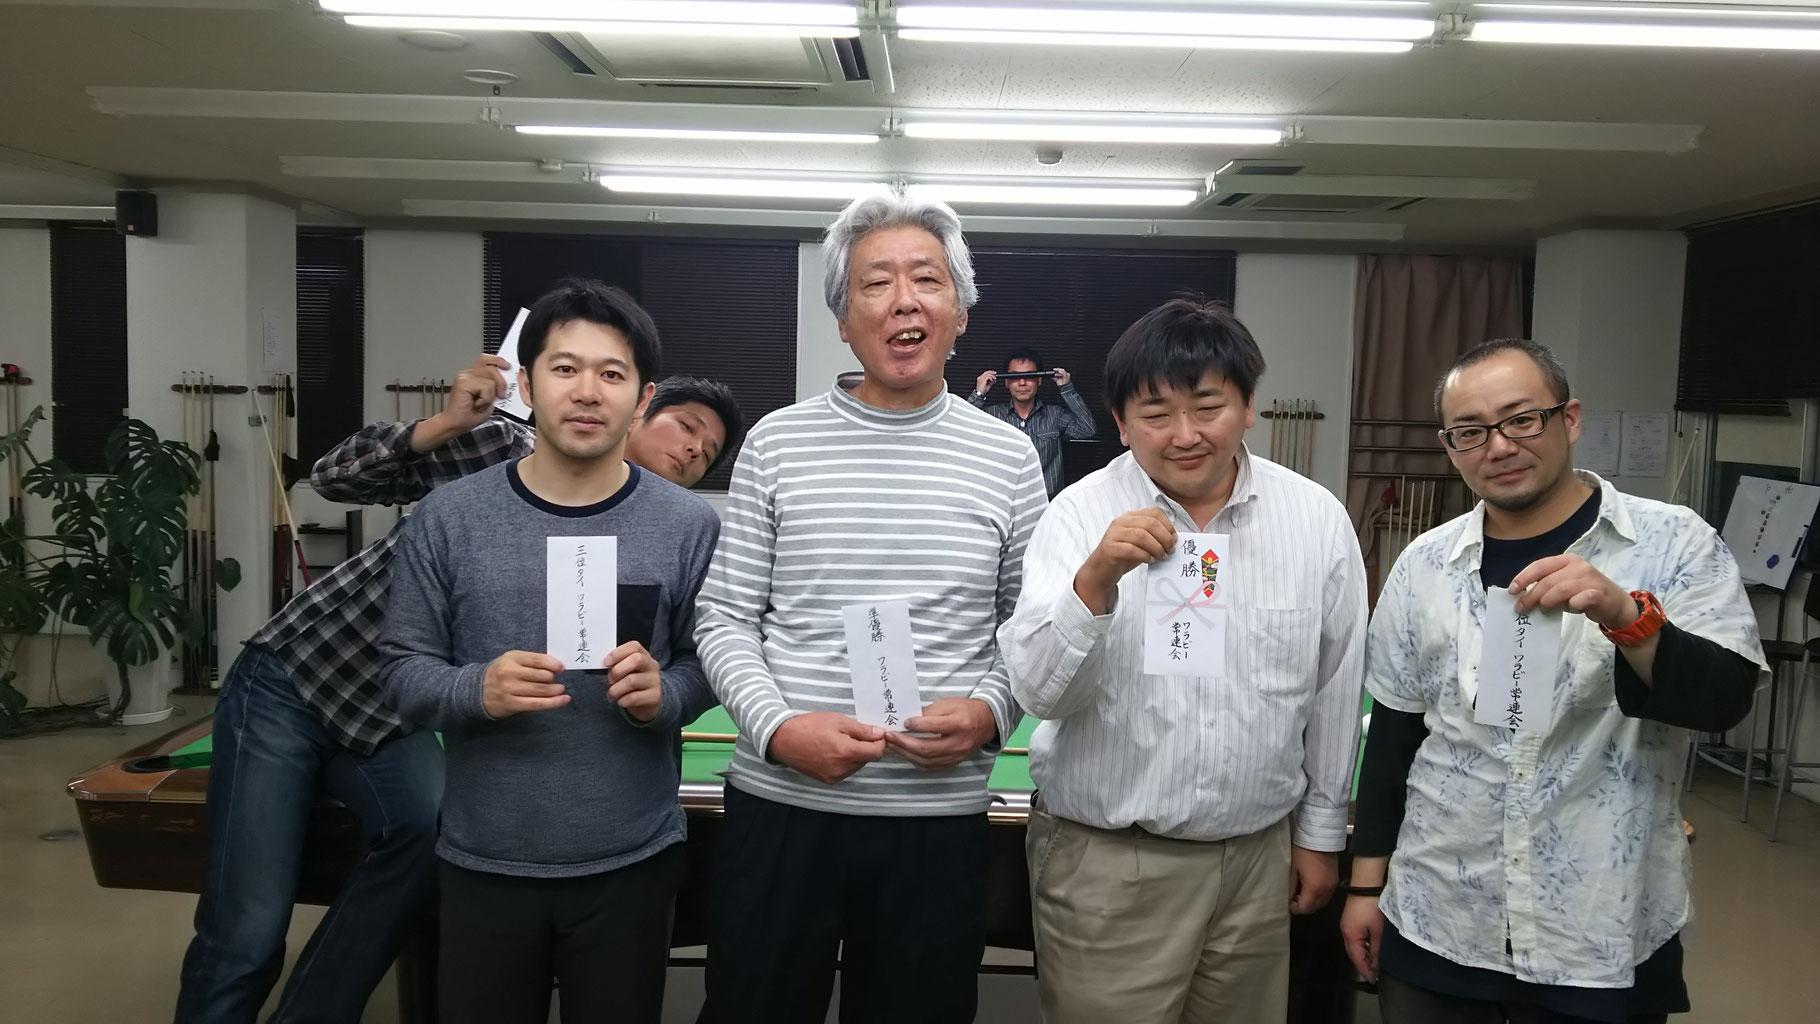 3位タイは、平松さん・永藤さん。平松さんは次の日に公式戦もあってか気合充分??でのぞんでそつなく突いていた印象でした。今日の試合は負けてしまったみたいですが。。永藤さんは上位の常連ですが、何故か8番・9番になると外してしまう病になっているようで。。頑張れ!永藤!負けるな永藤!敗者側優勝は北村さん(後ろからひょっこり顔出している方)意外と初参加。さすが何か持って帰る!おめでとうございます。後ろに写っている少年Bみたいなおっさんは無視してください。